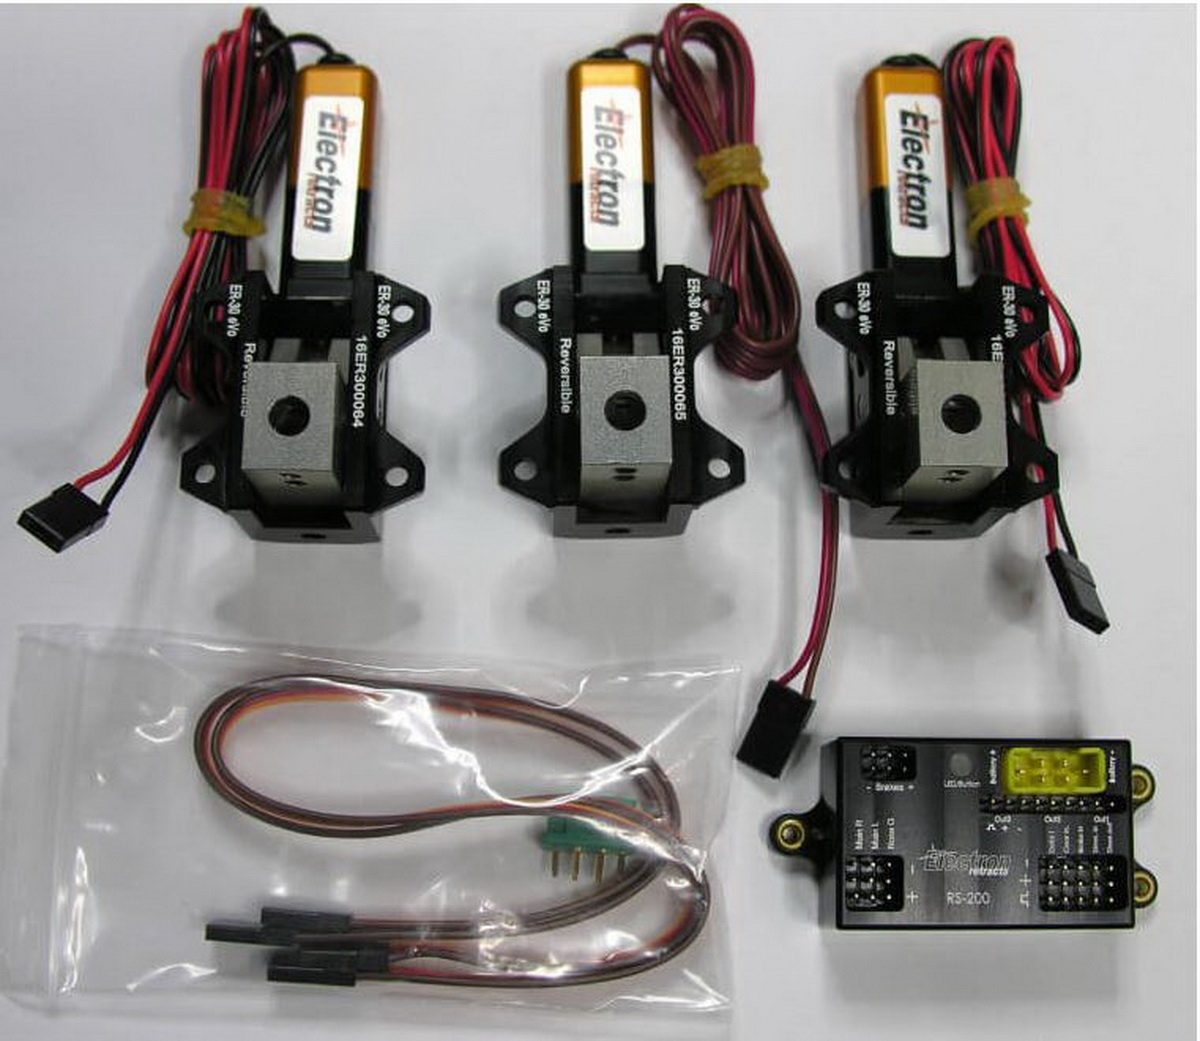 Einziehfahrwerk ER-30 eVo 3-Bein Elektronik RS-200